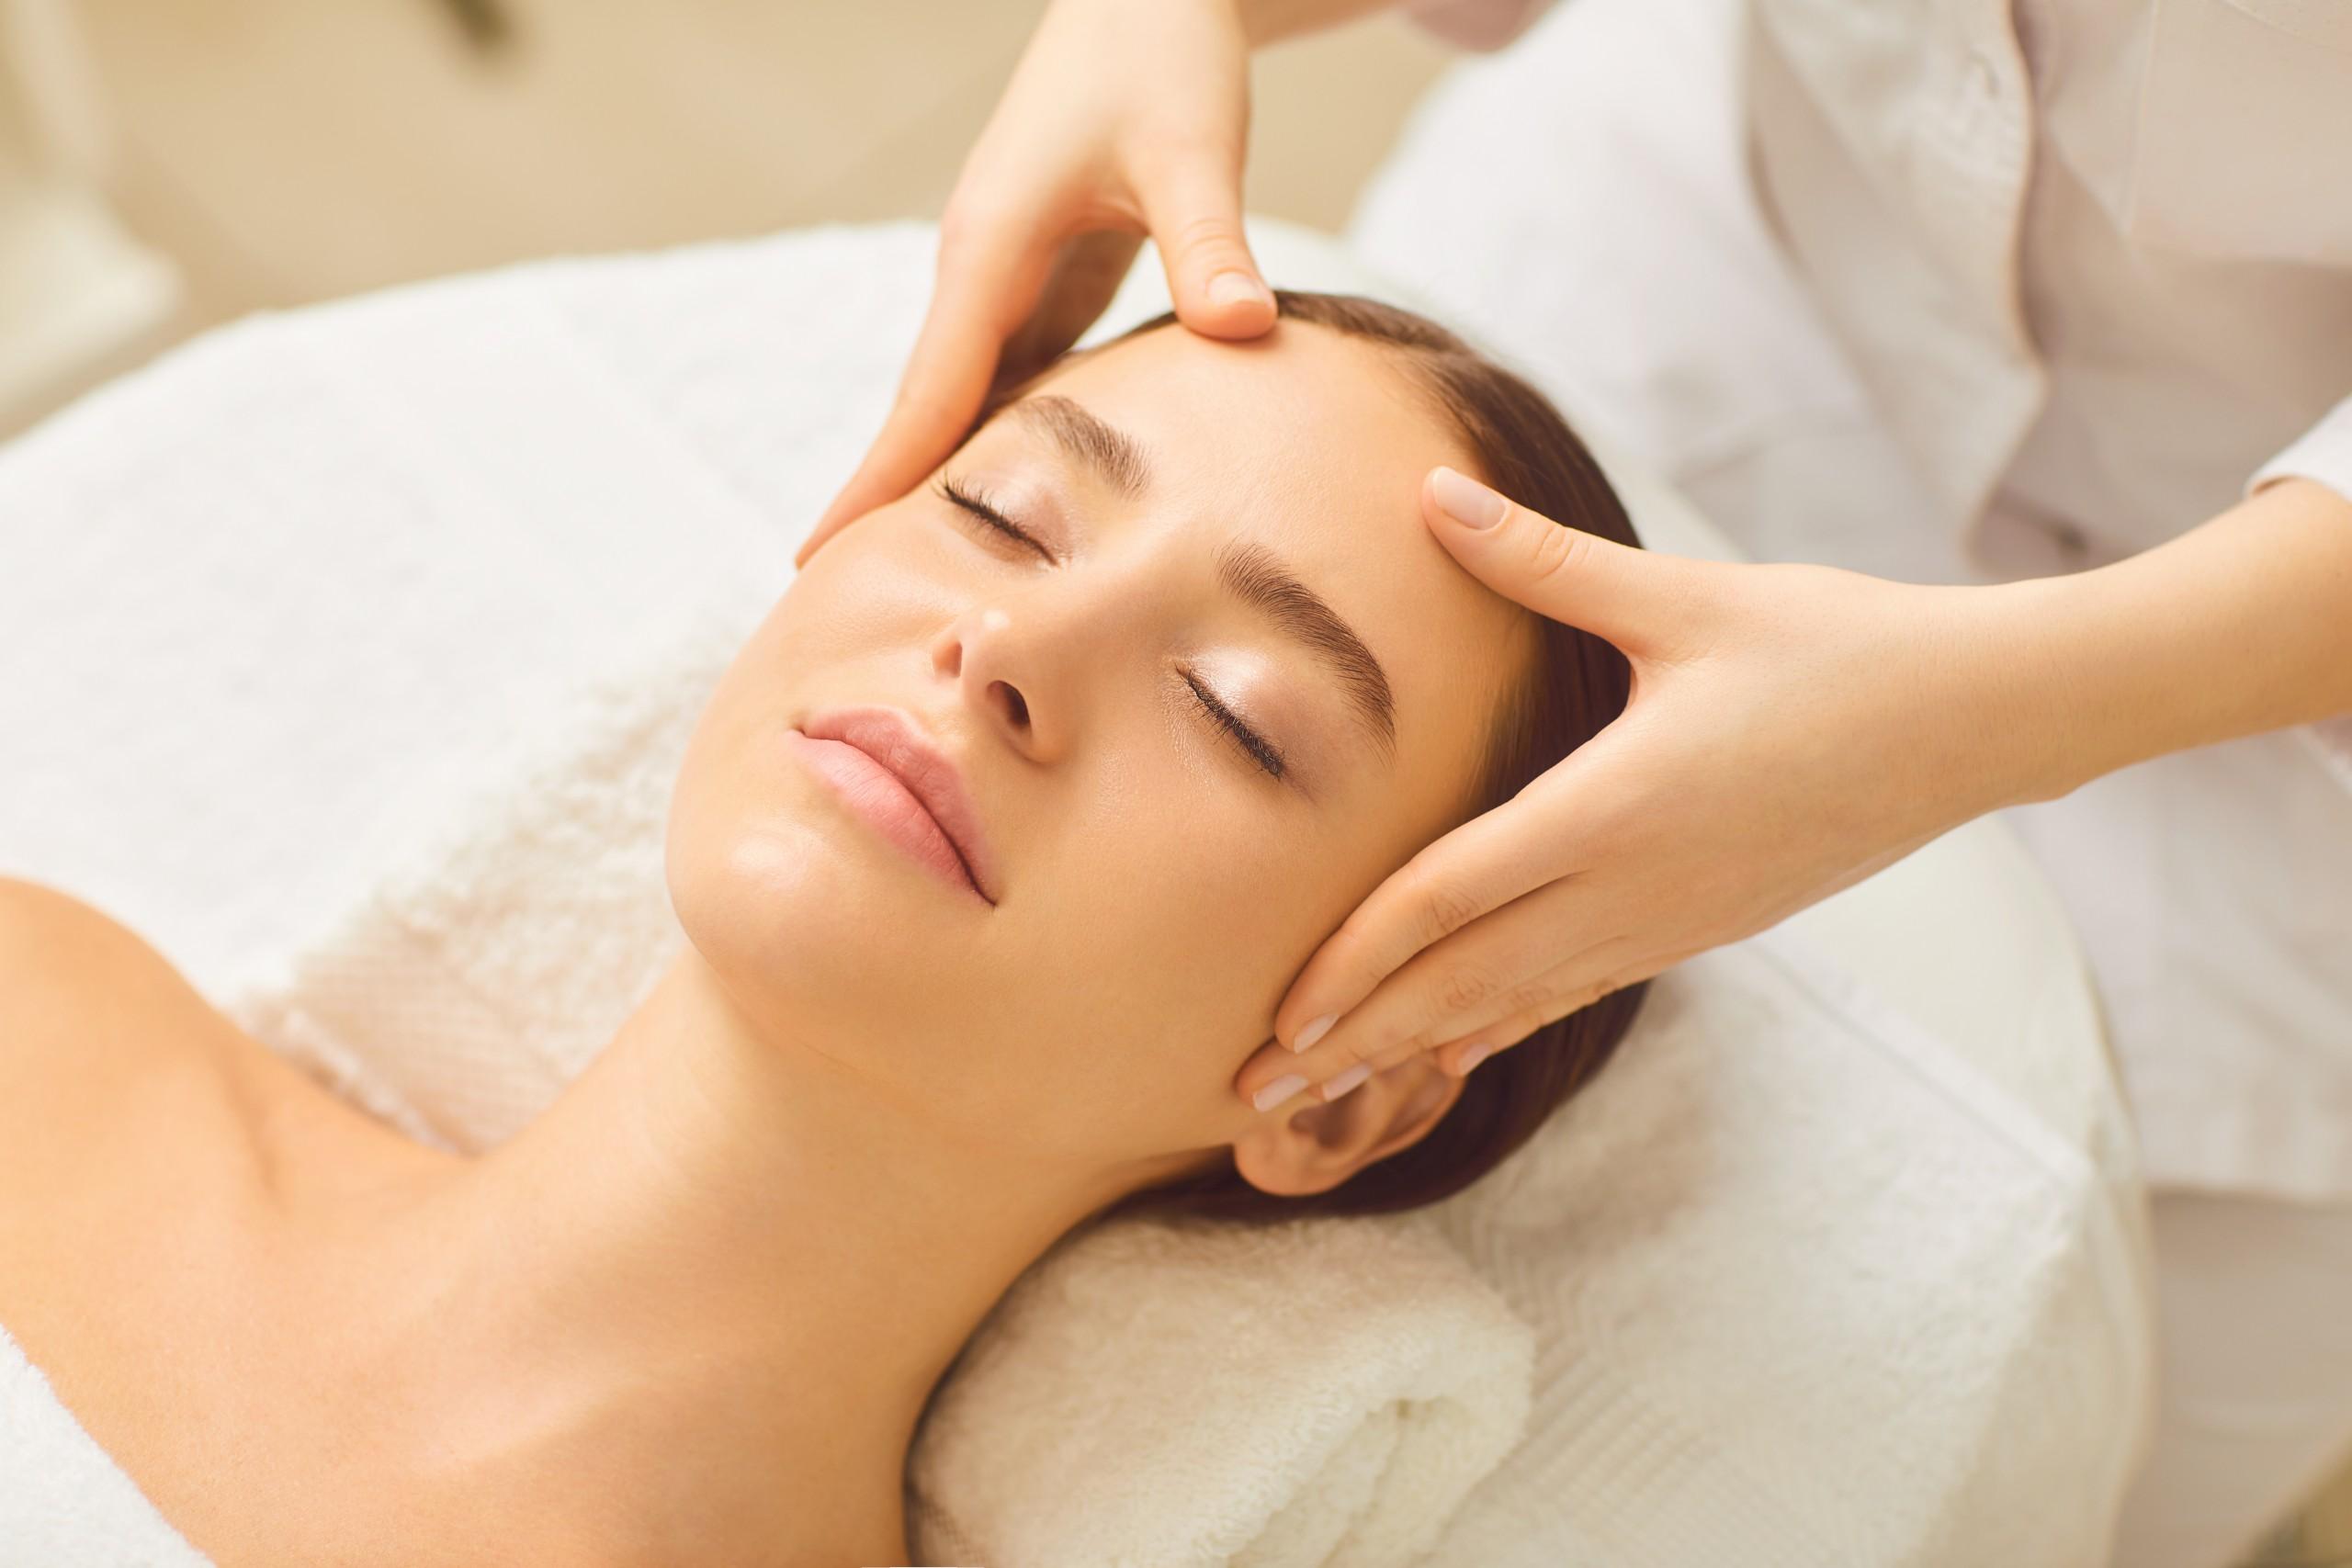 Woman-getting-a-relaxing-facial